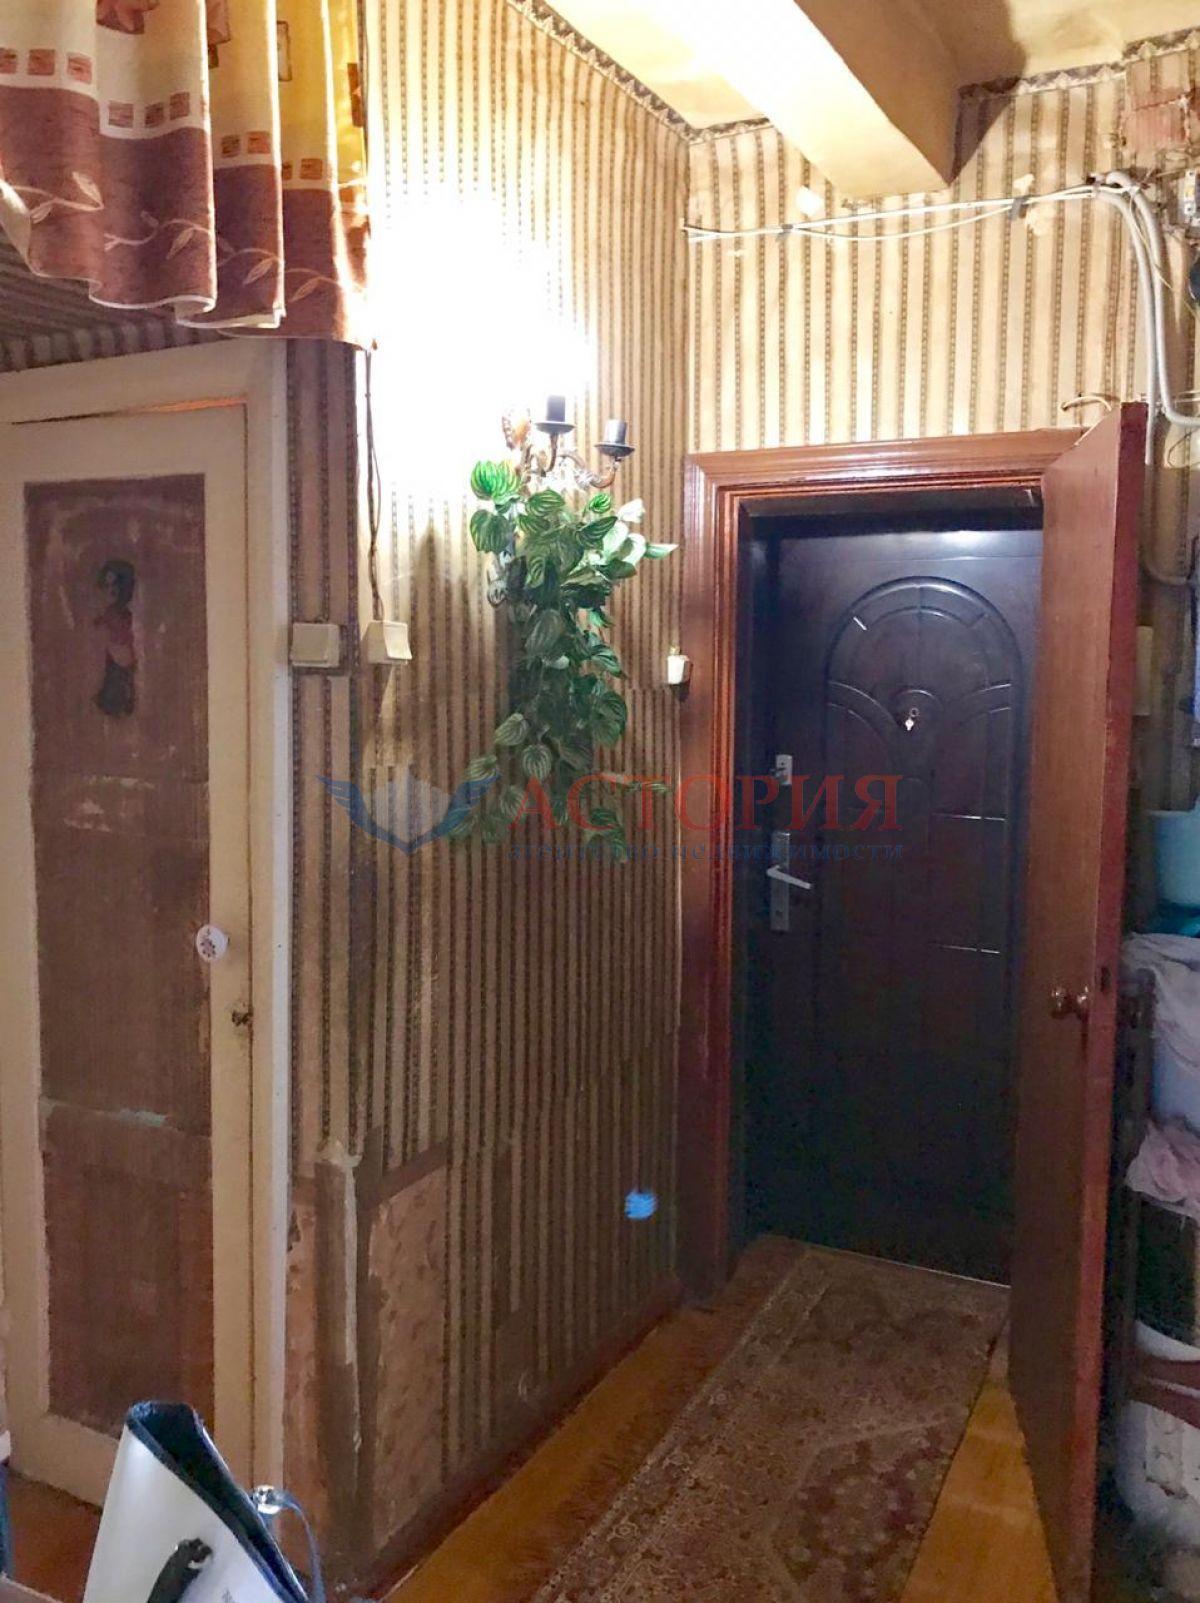 Продам 5+ комн. квартиру, Тульская область, Тула, Зареченский, Демидовская ул, 56 корп.2